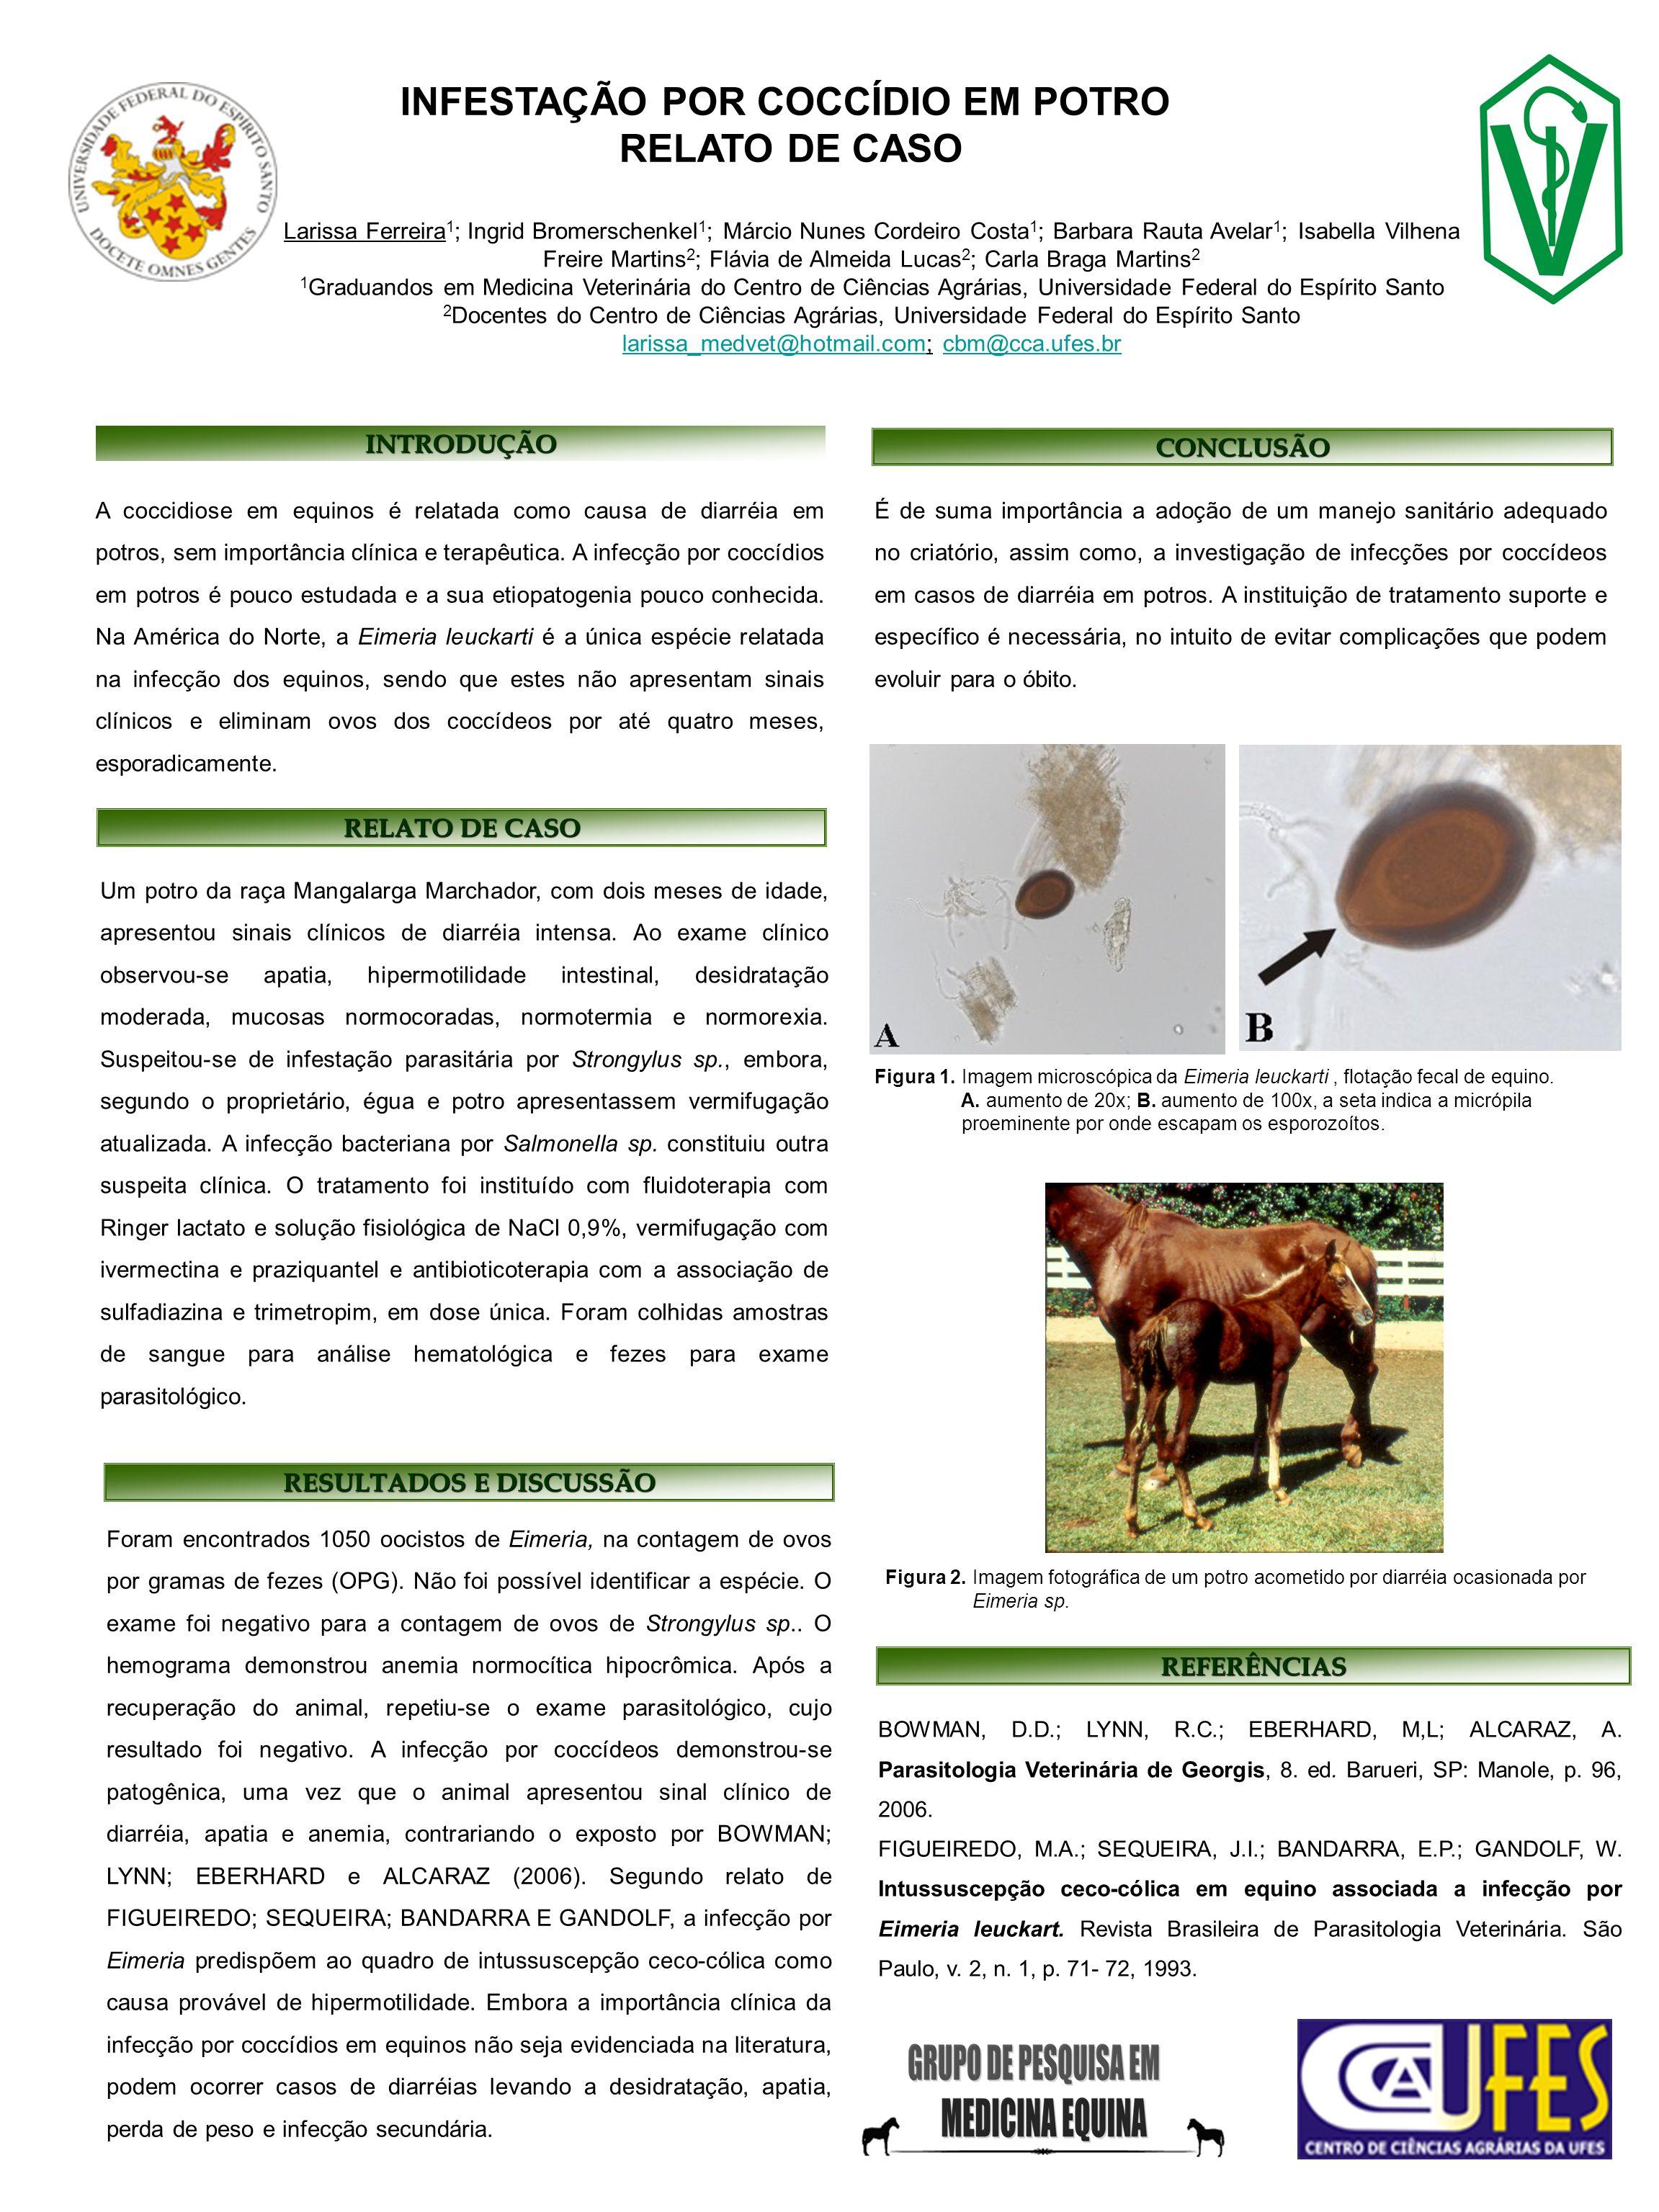 Um potro da raça Mangalarga Marchador, com dois meses de idade, apresentou sinais clínicos de diarréia intensa.